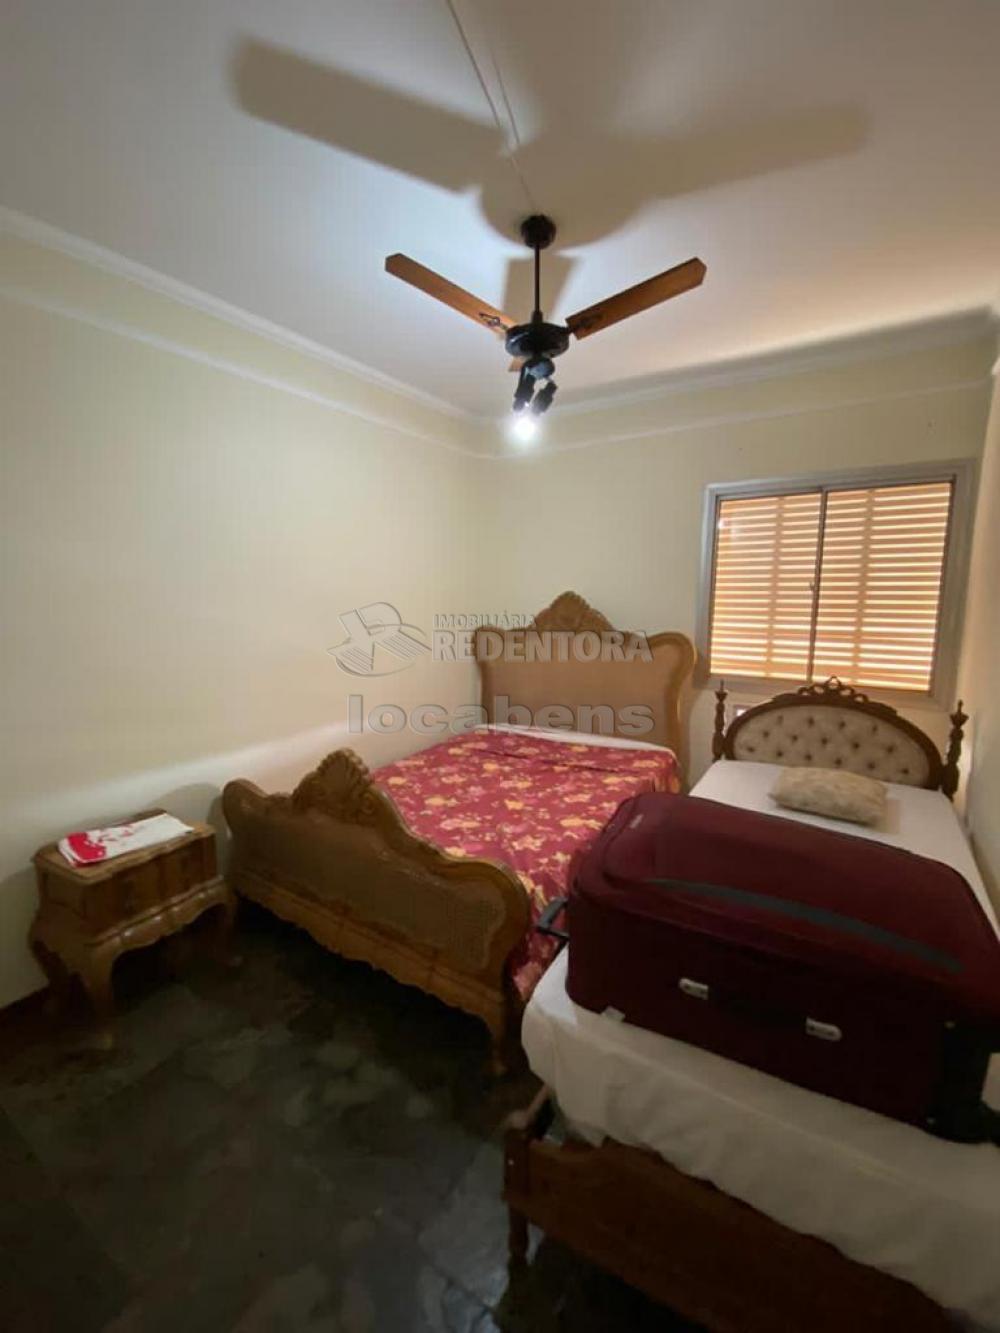 Alugar Apartamento / Padrão em São José do Rio Preto R$ 1.200,00 - Foto 6